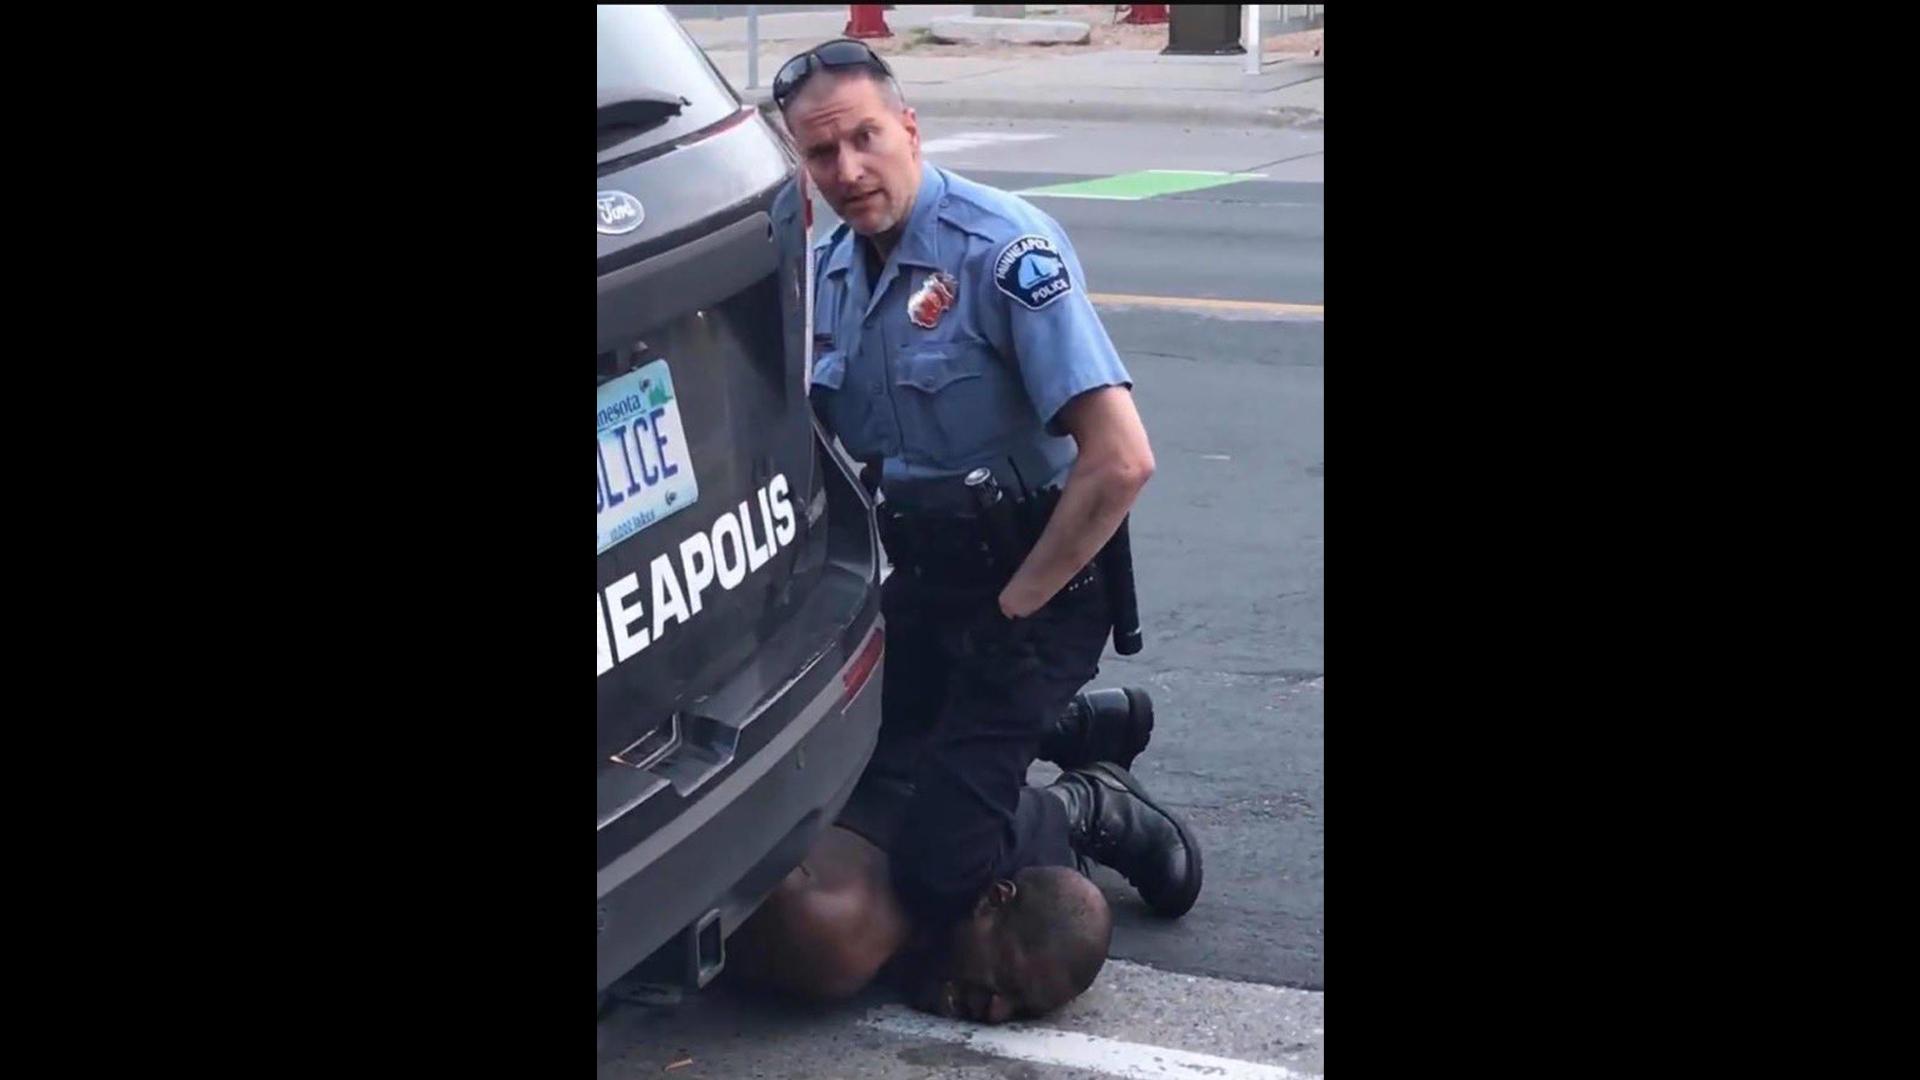 Ha sido arrestado el agente de policía de Minneapolis, Minnesota, Derek Chauvin. Captura de Pantalla.